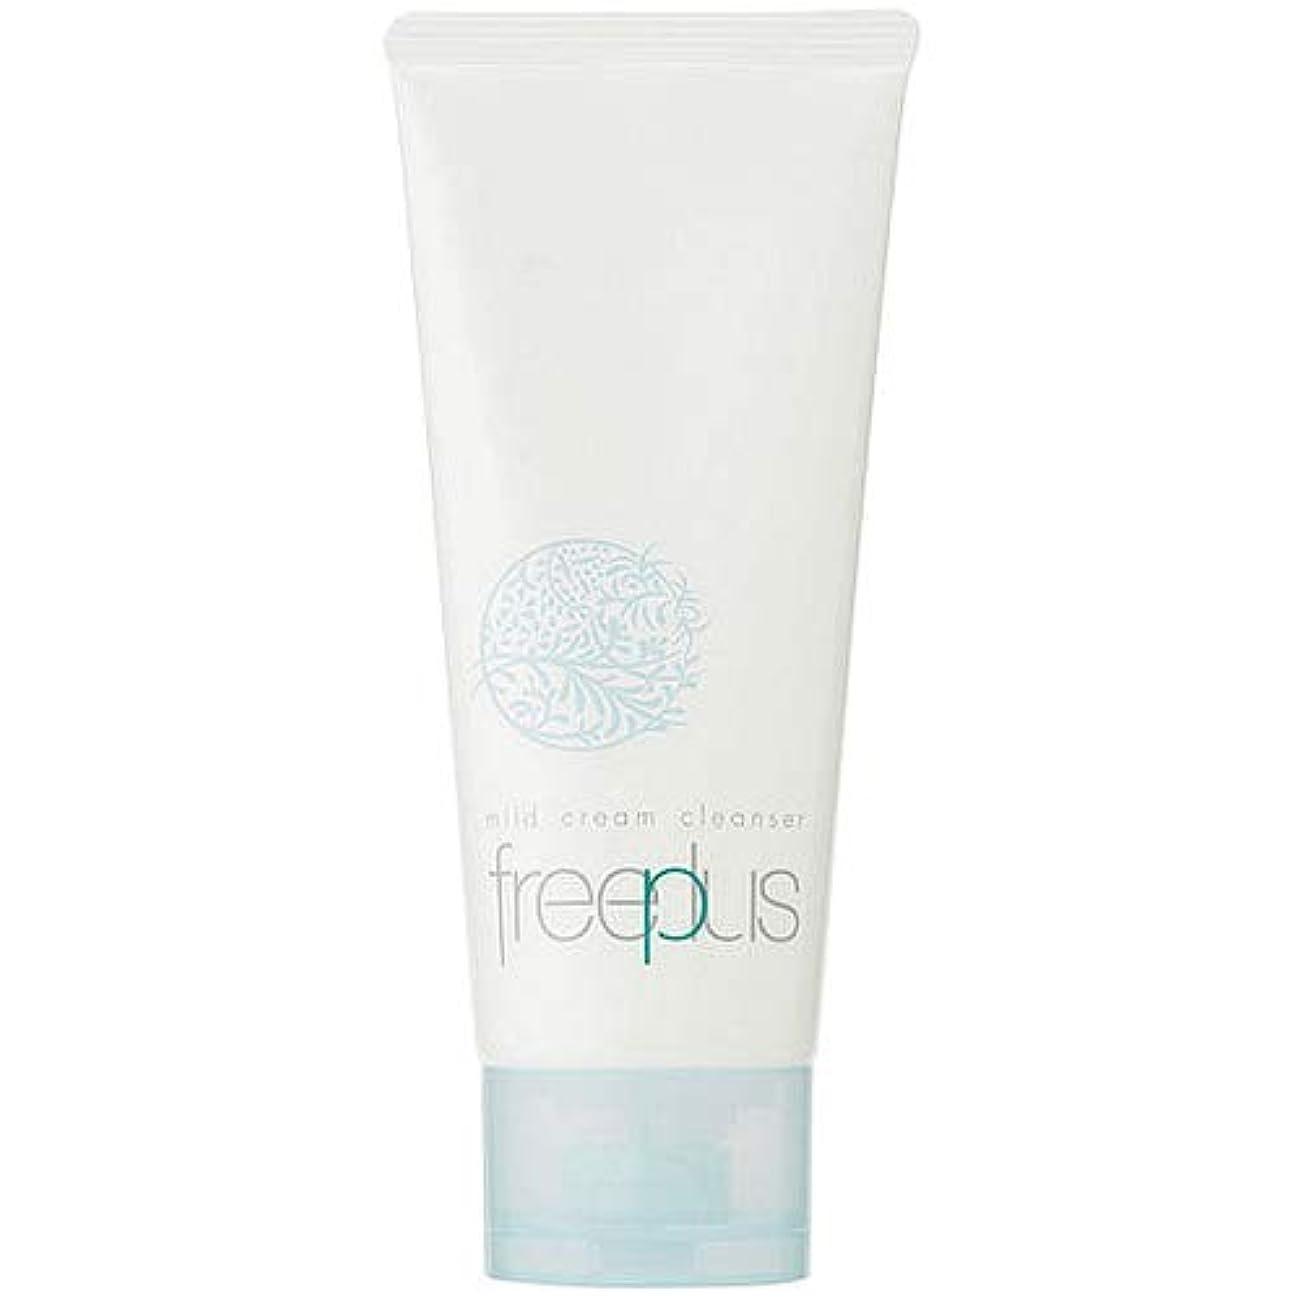 複製思いやりのある贅沢フリープラス FREEPLUS フリープラス マイルドクリームクレンザーa 125g [並行輸入品]